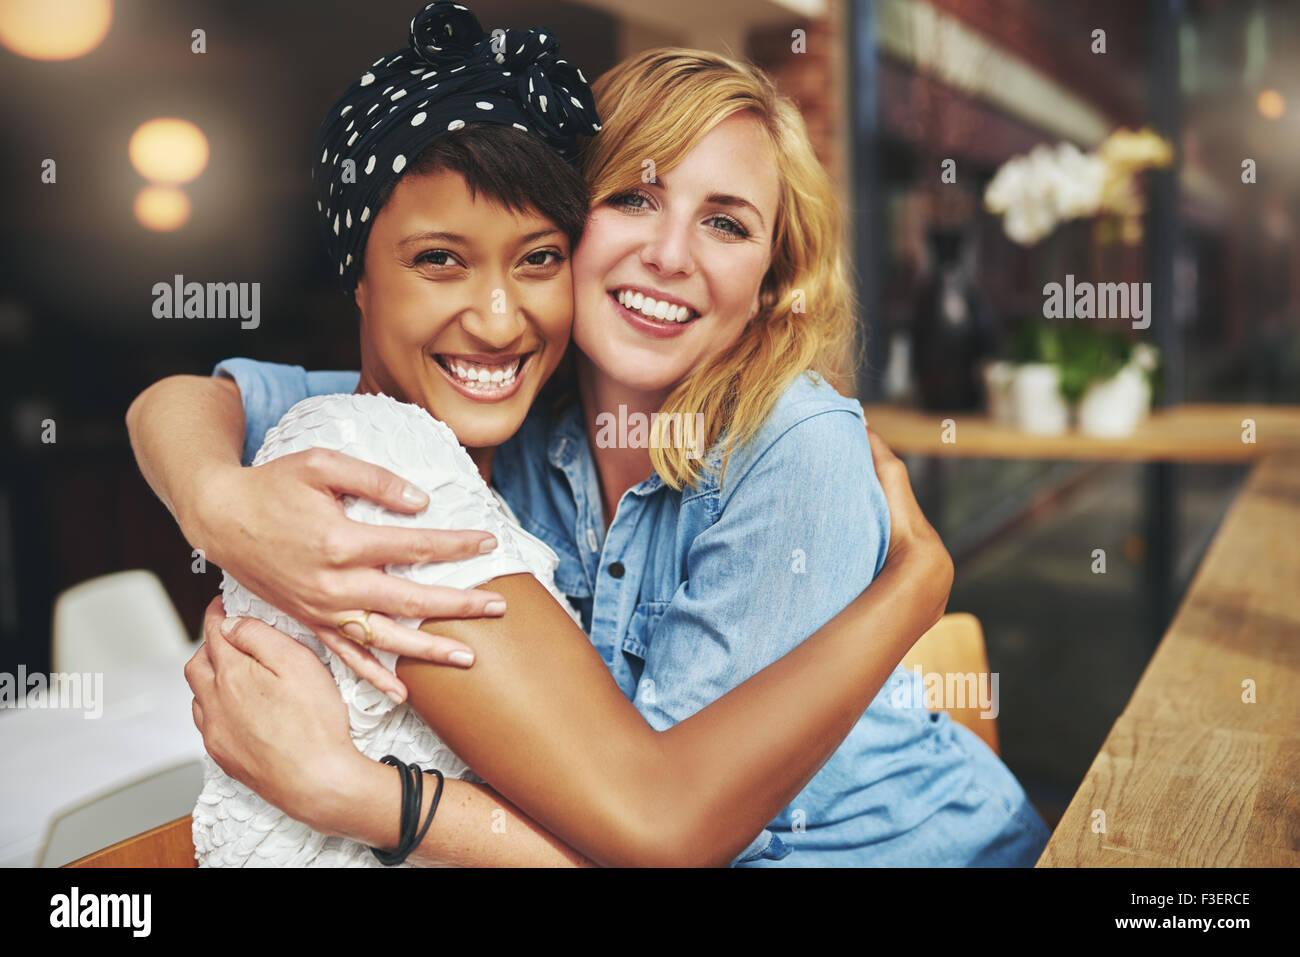 Due lieti affettuosa giovane donna che abbraccia ogni altra in un abbraccio mentre ridono e sorridente, giovane Immagini Stock